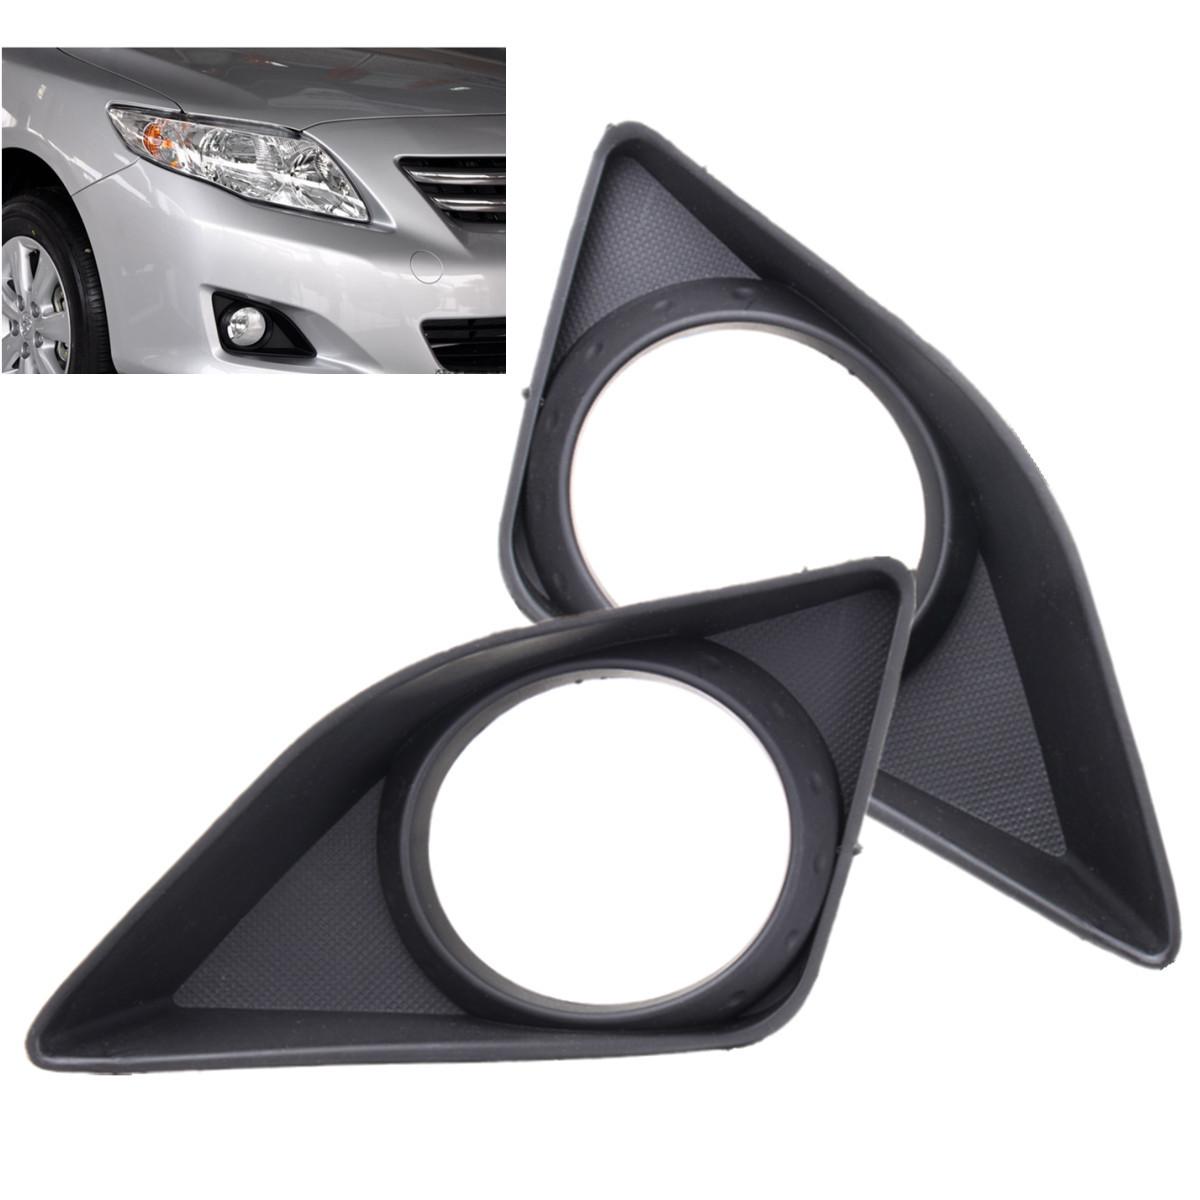 Пара Автомобилей Передние Противотуманные Фары Бампер Лампа Решетка Крышка Рамка Рамка Отделка Для Toyota Corolla 2007-2010